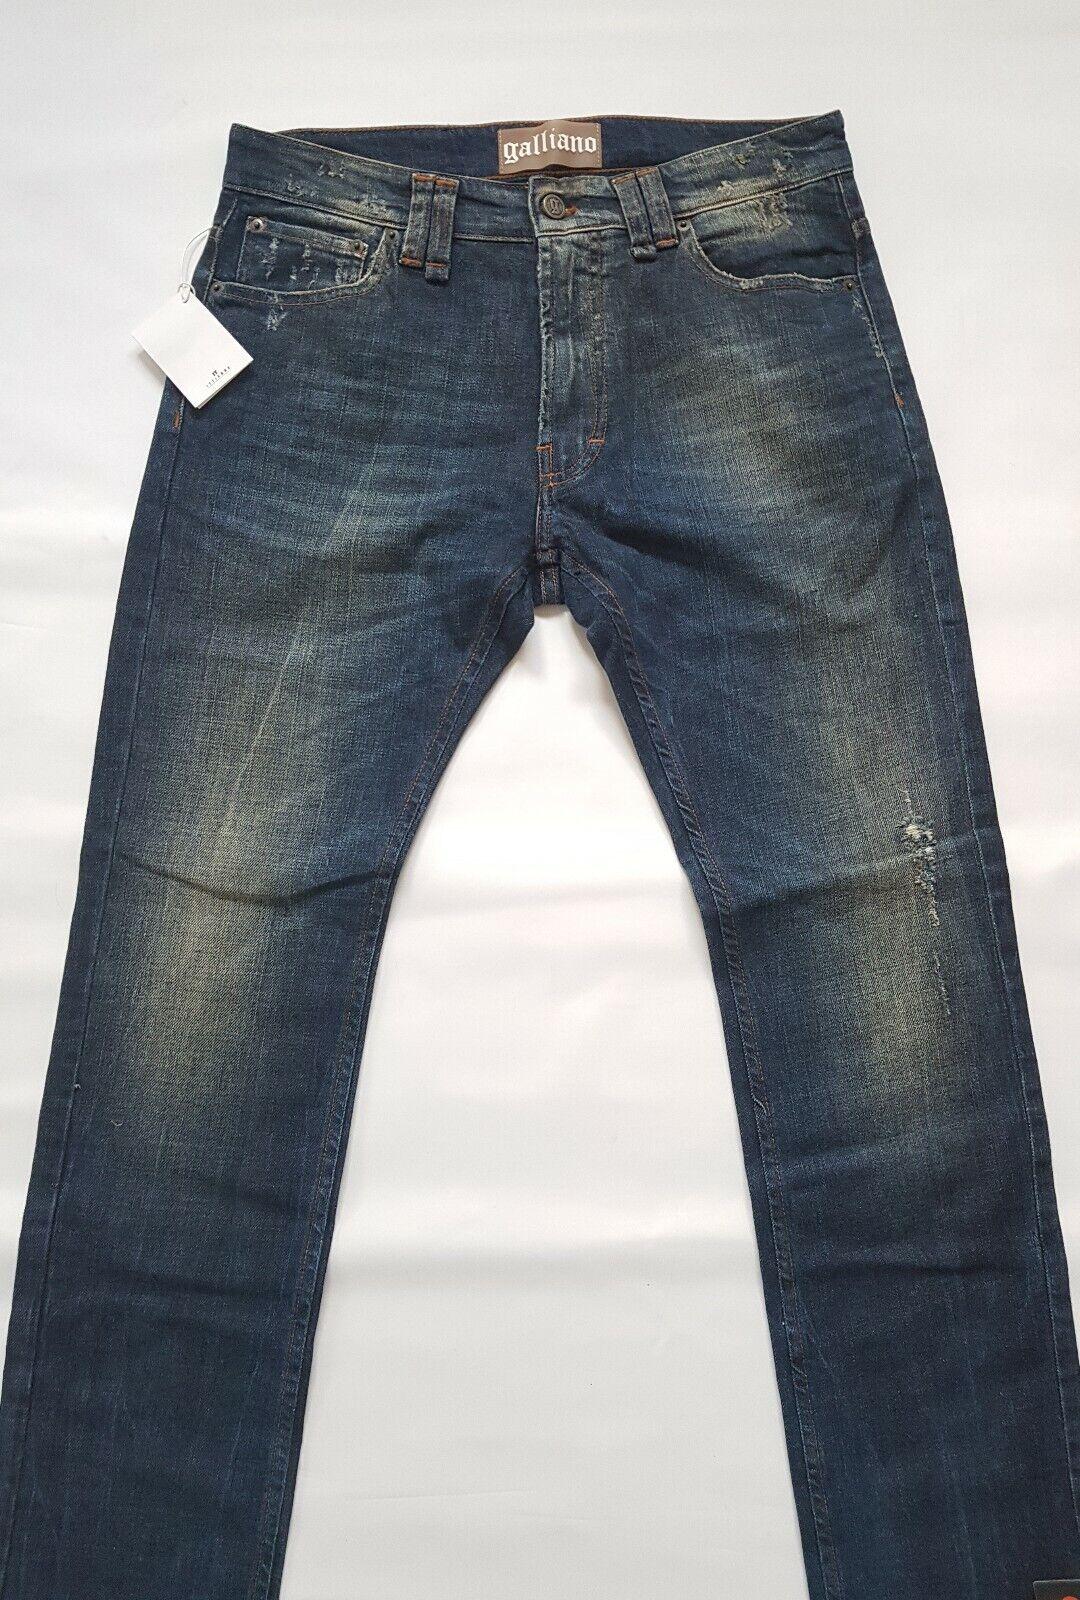 Uomo John Galliano jeans colore Blu Scuro Taglia W 32 L 32-Bnwt